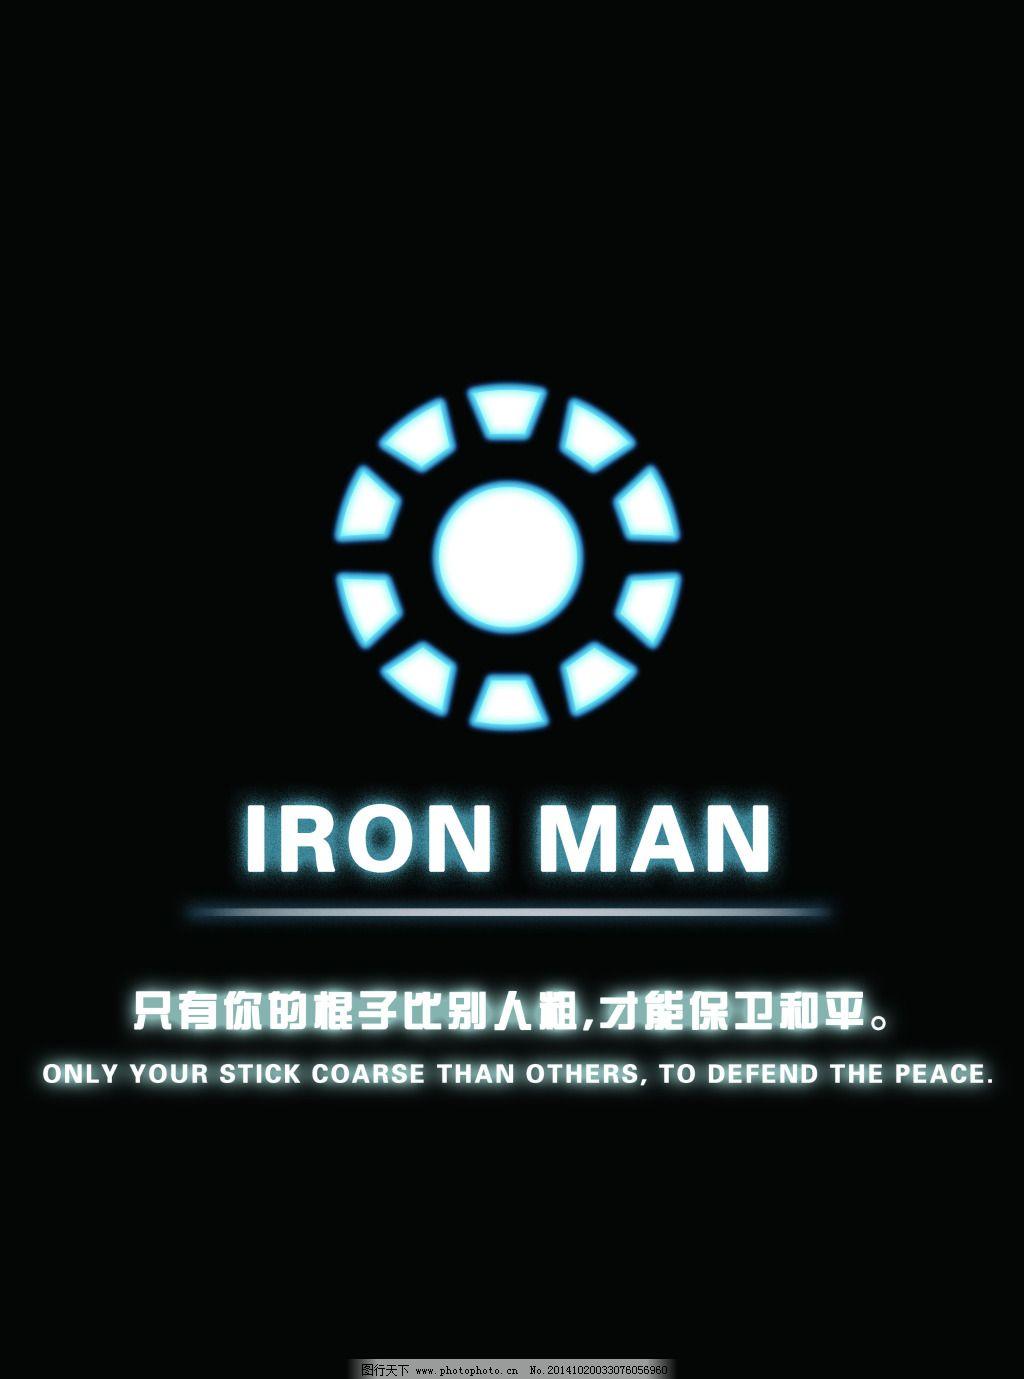 钢铁侠设计图免费下载 钢铁侠 钢铁侠标志 ironman 钢铁侠标志 钢铁侠